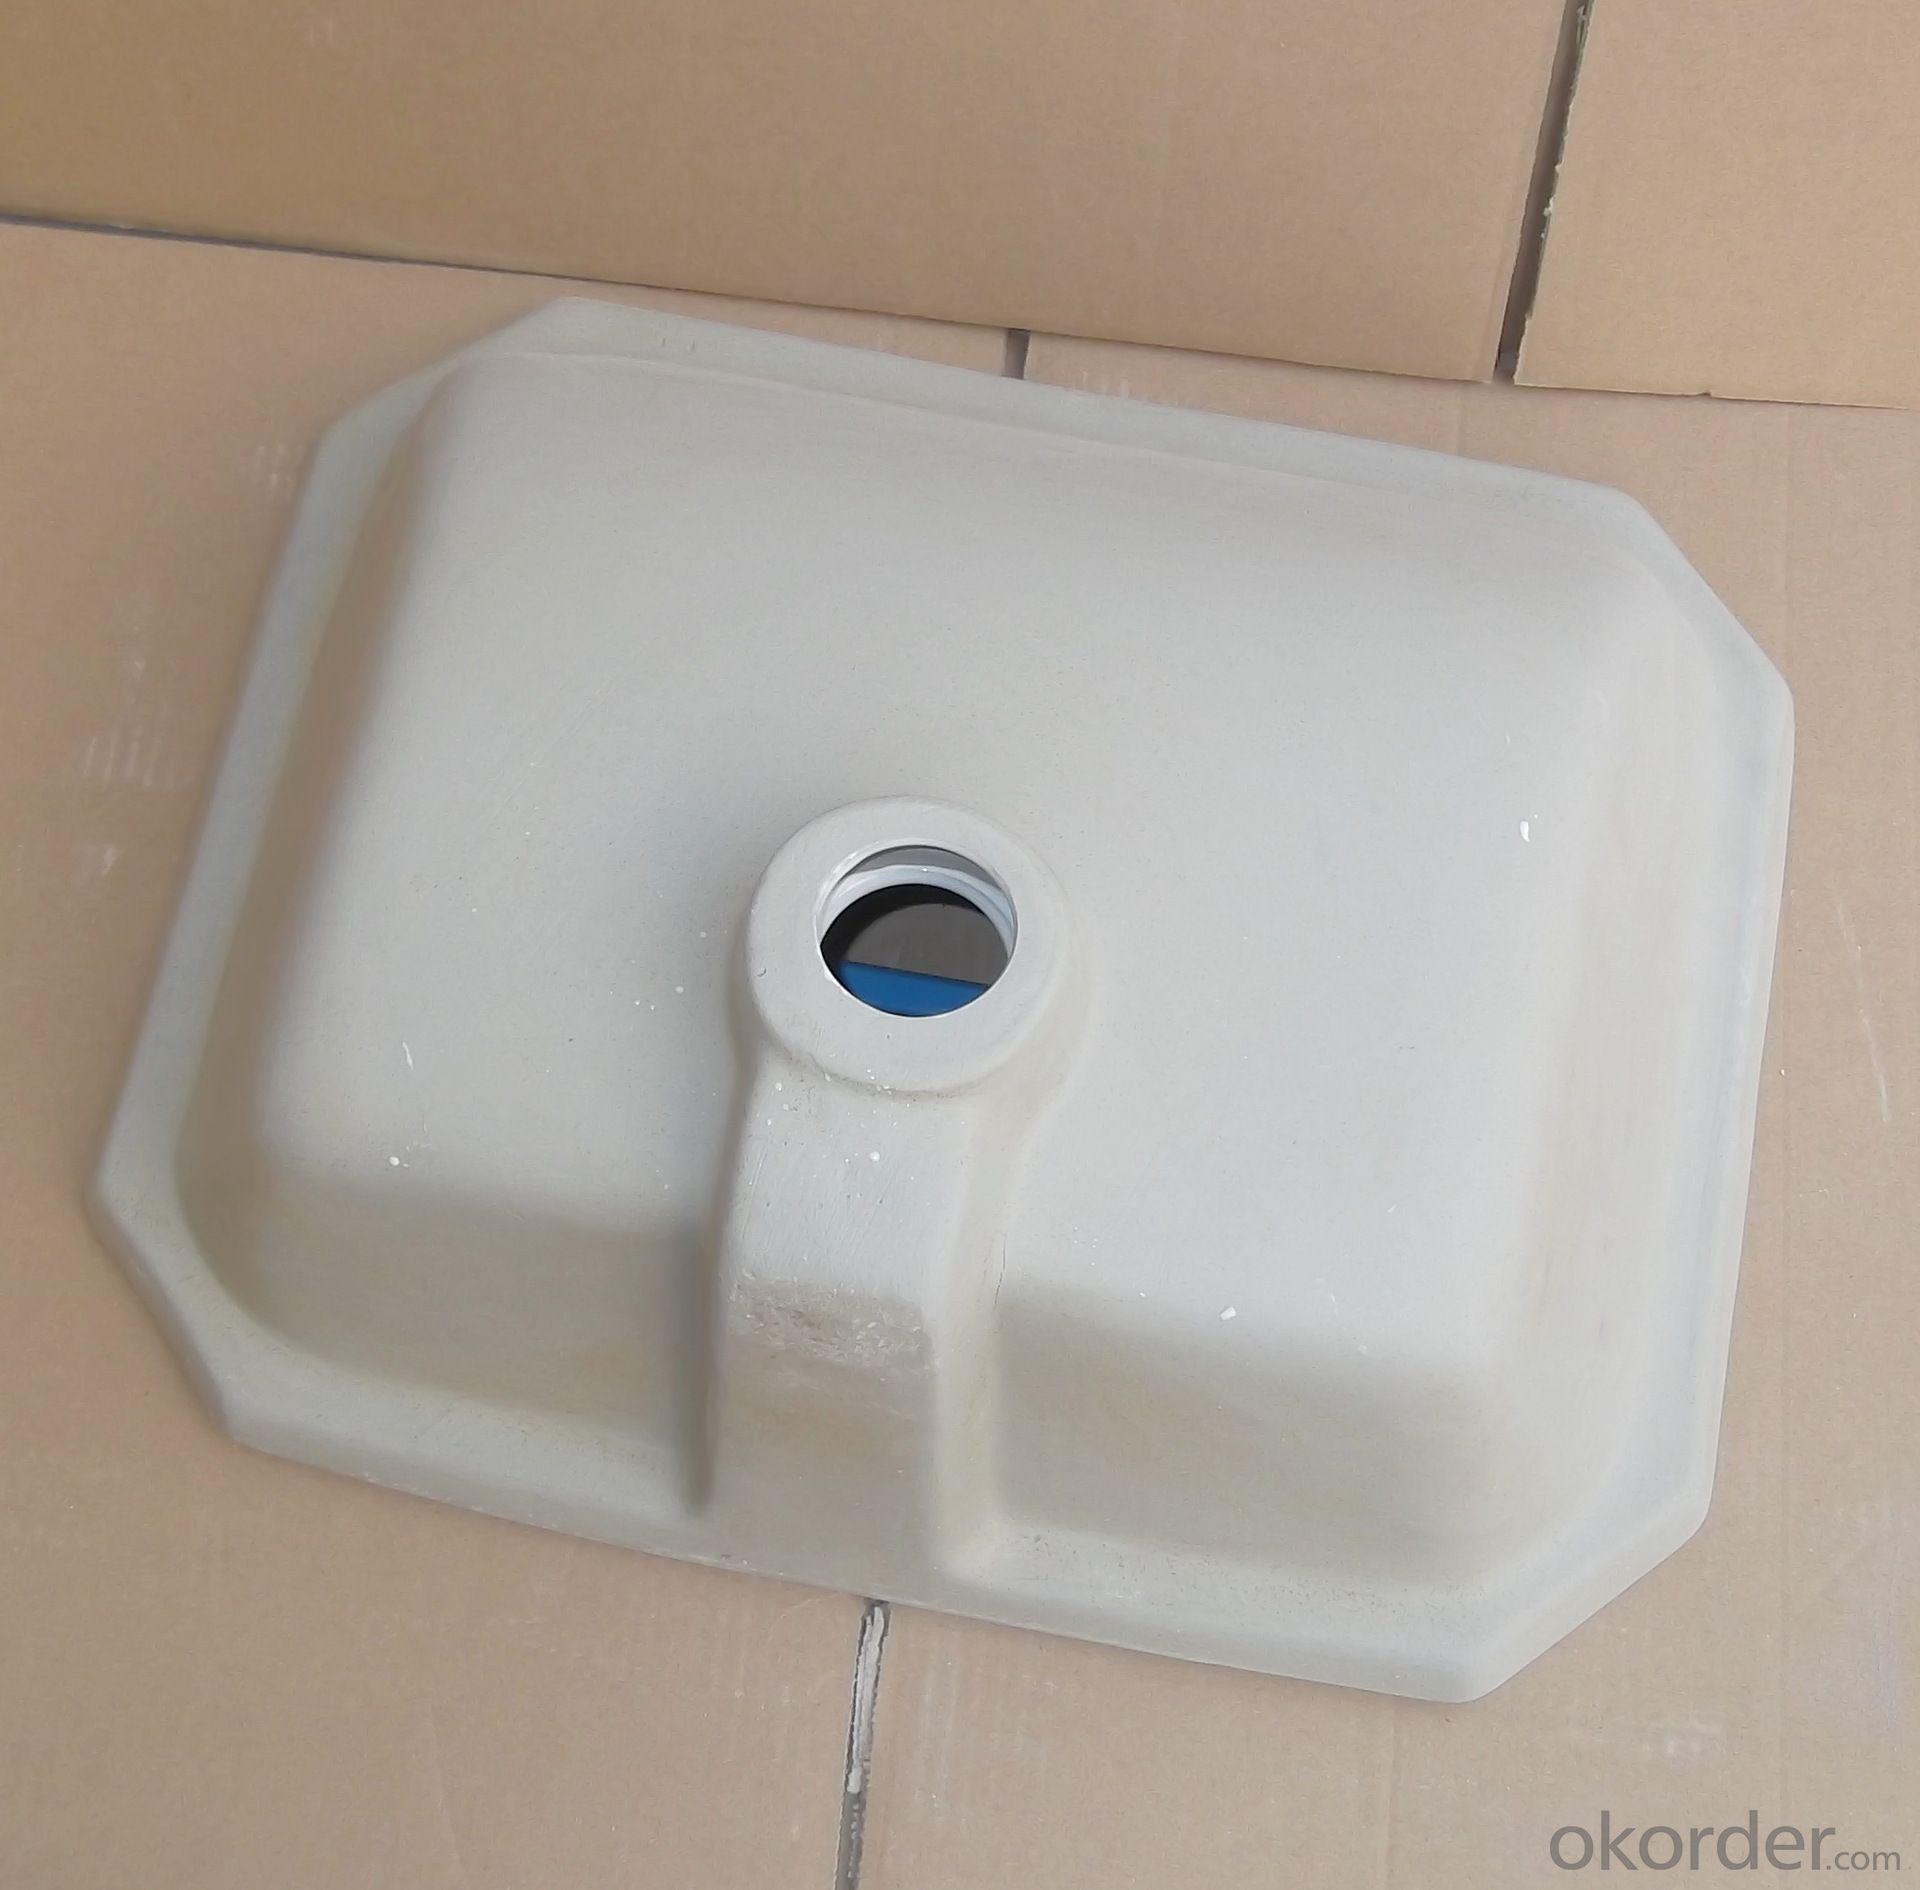 The new 18-inch white square undercounter basin